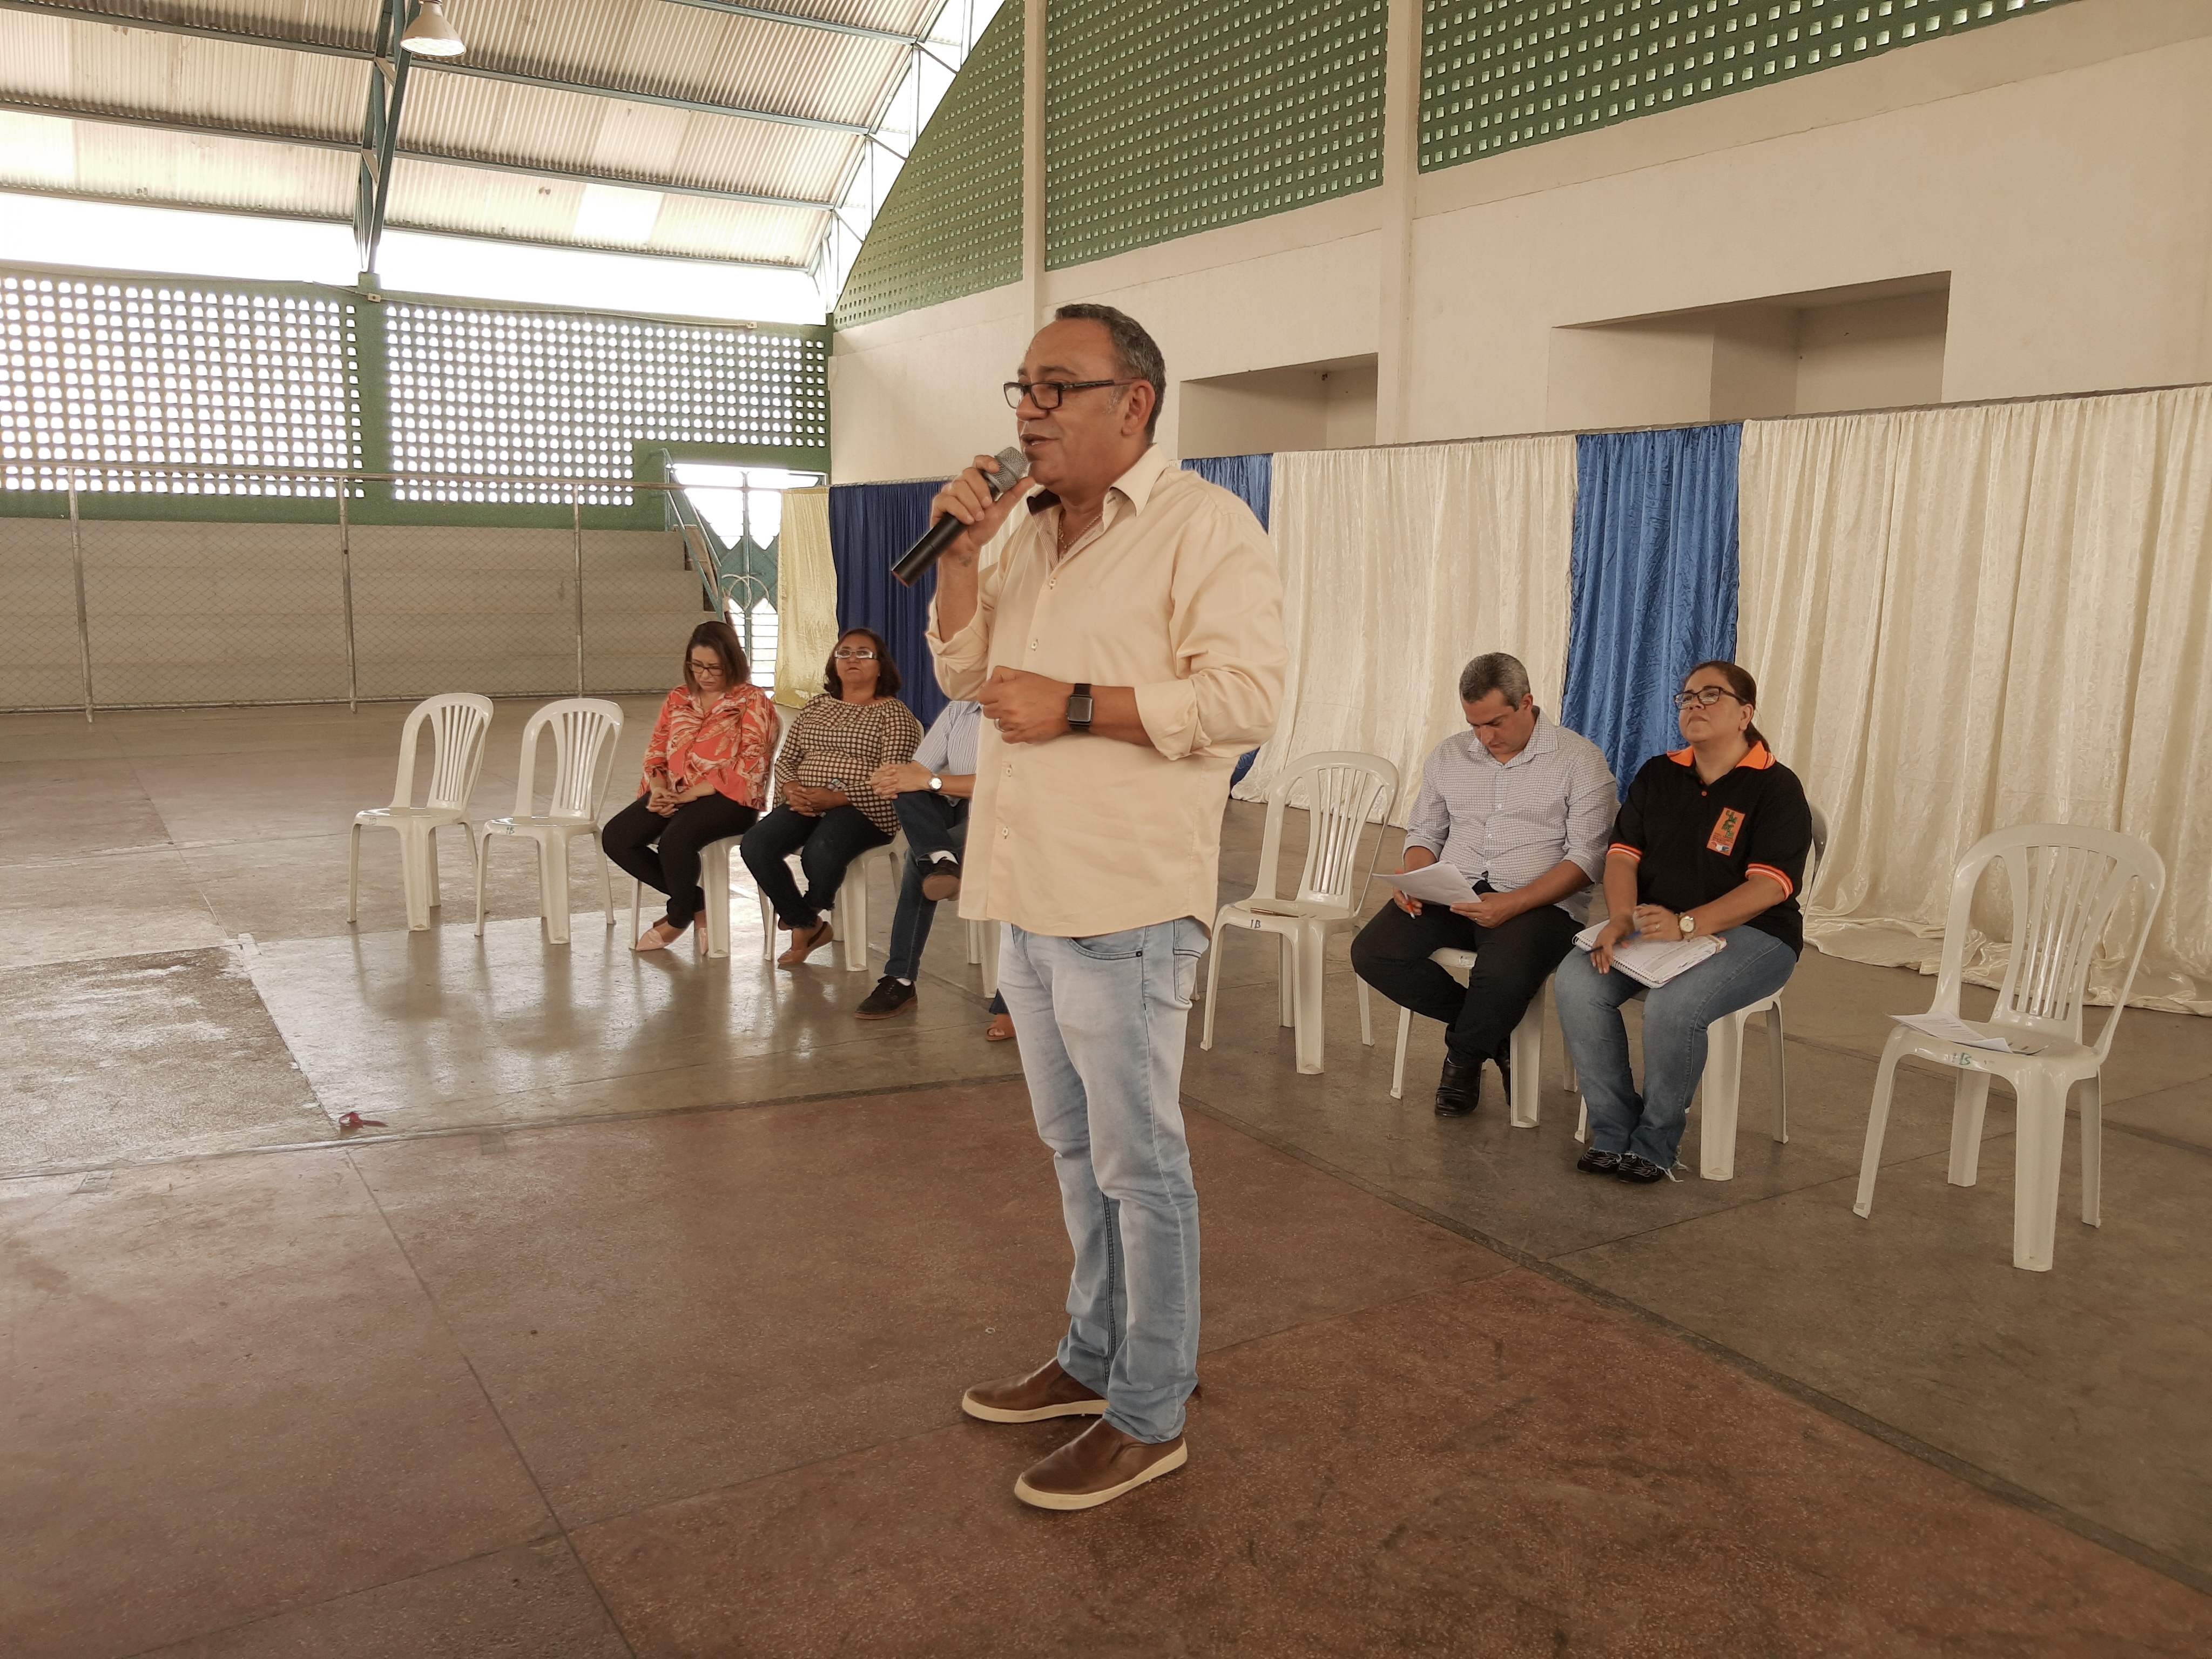 Encontro da Uncme debate criação do Conselho Municipal de Educação de Dois Riachos